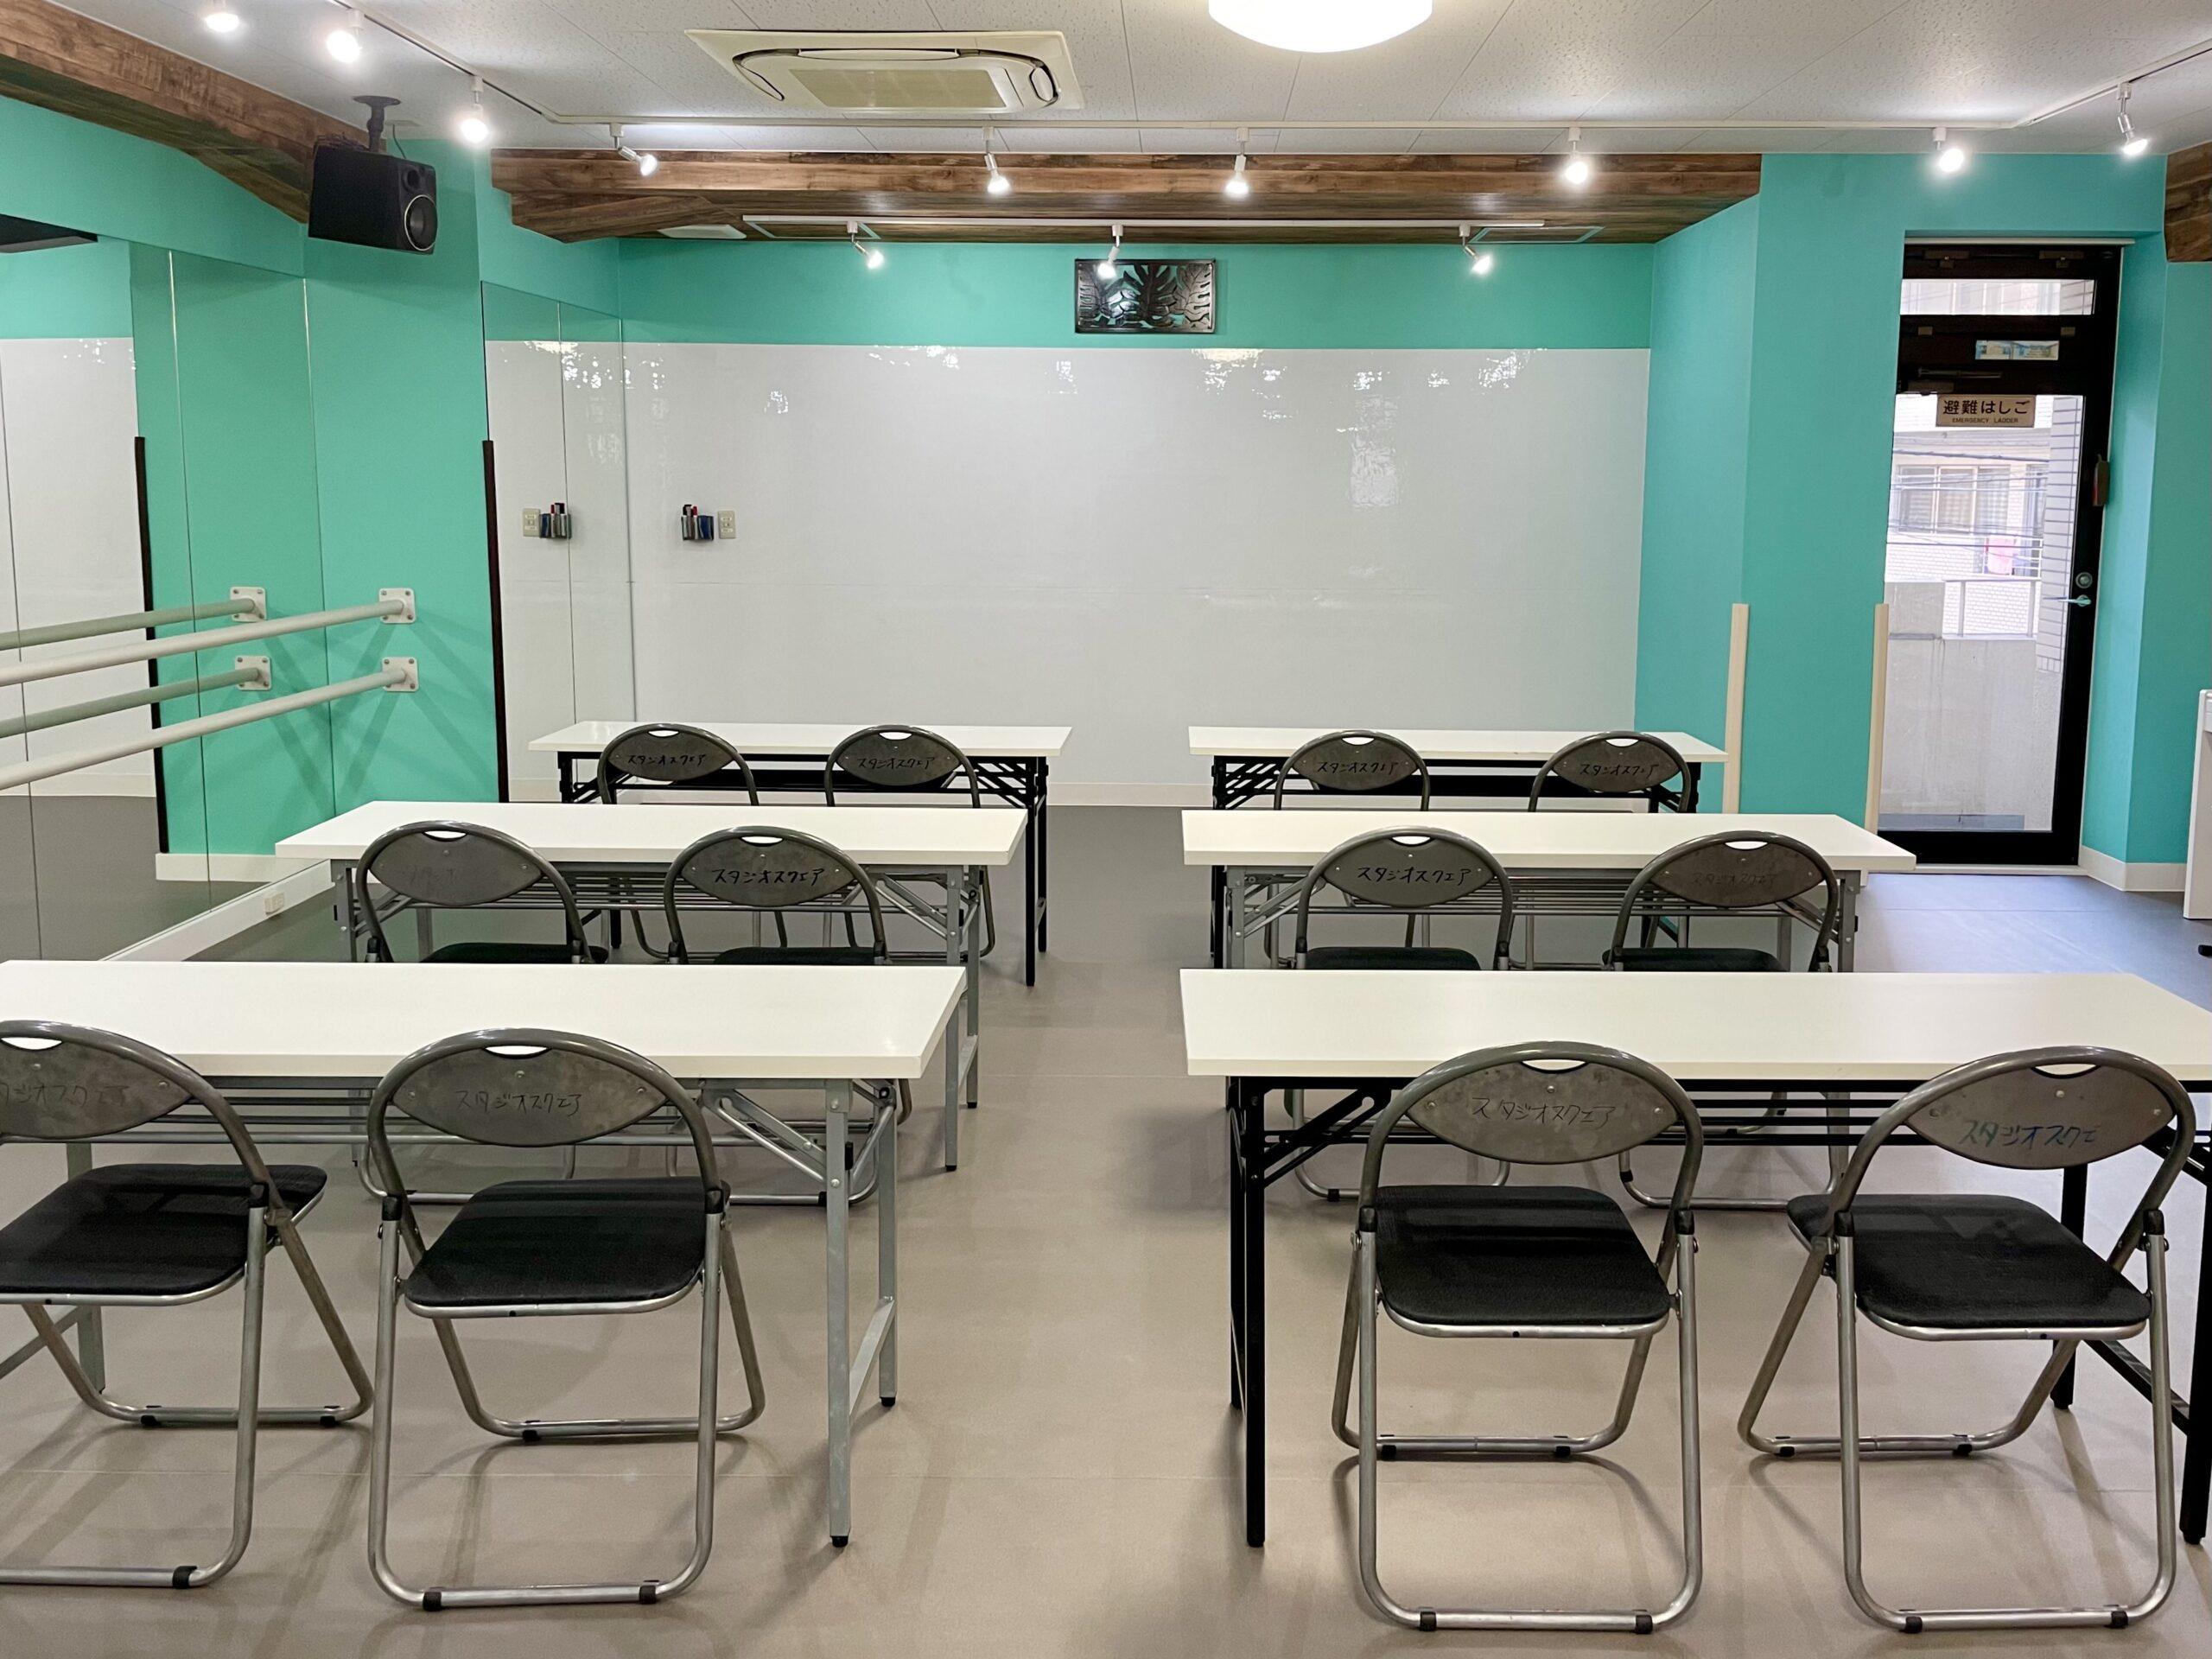 蒲田COZY レンタルスタジオ ホワイトボード 会議室